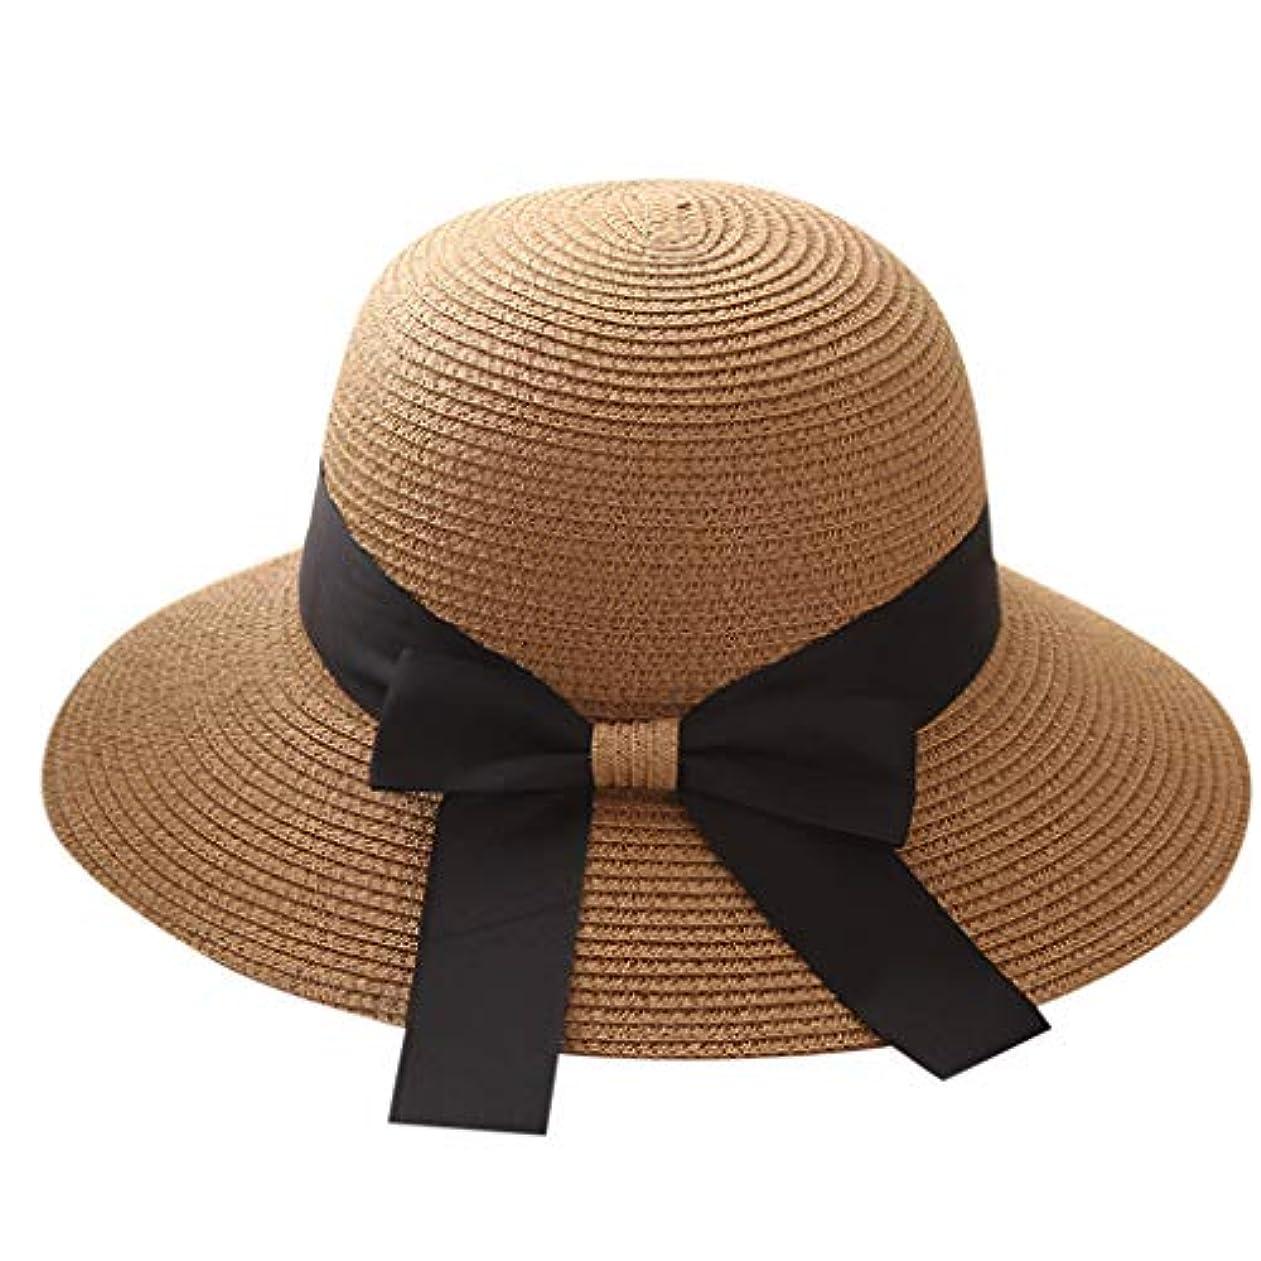 に沿って果てしない虫帽子 レディース UVカット 漁師帽 99%uvカット 日よけ 日焼け防止 熱中症予防 折りたたみ つば広 紫外線対策 麦わら帽子 uv帽 小顔効果 おしゃれ 可愛い 女優帽 高級感 軽量 通気 旅行用 大きいサイズ ROSE...